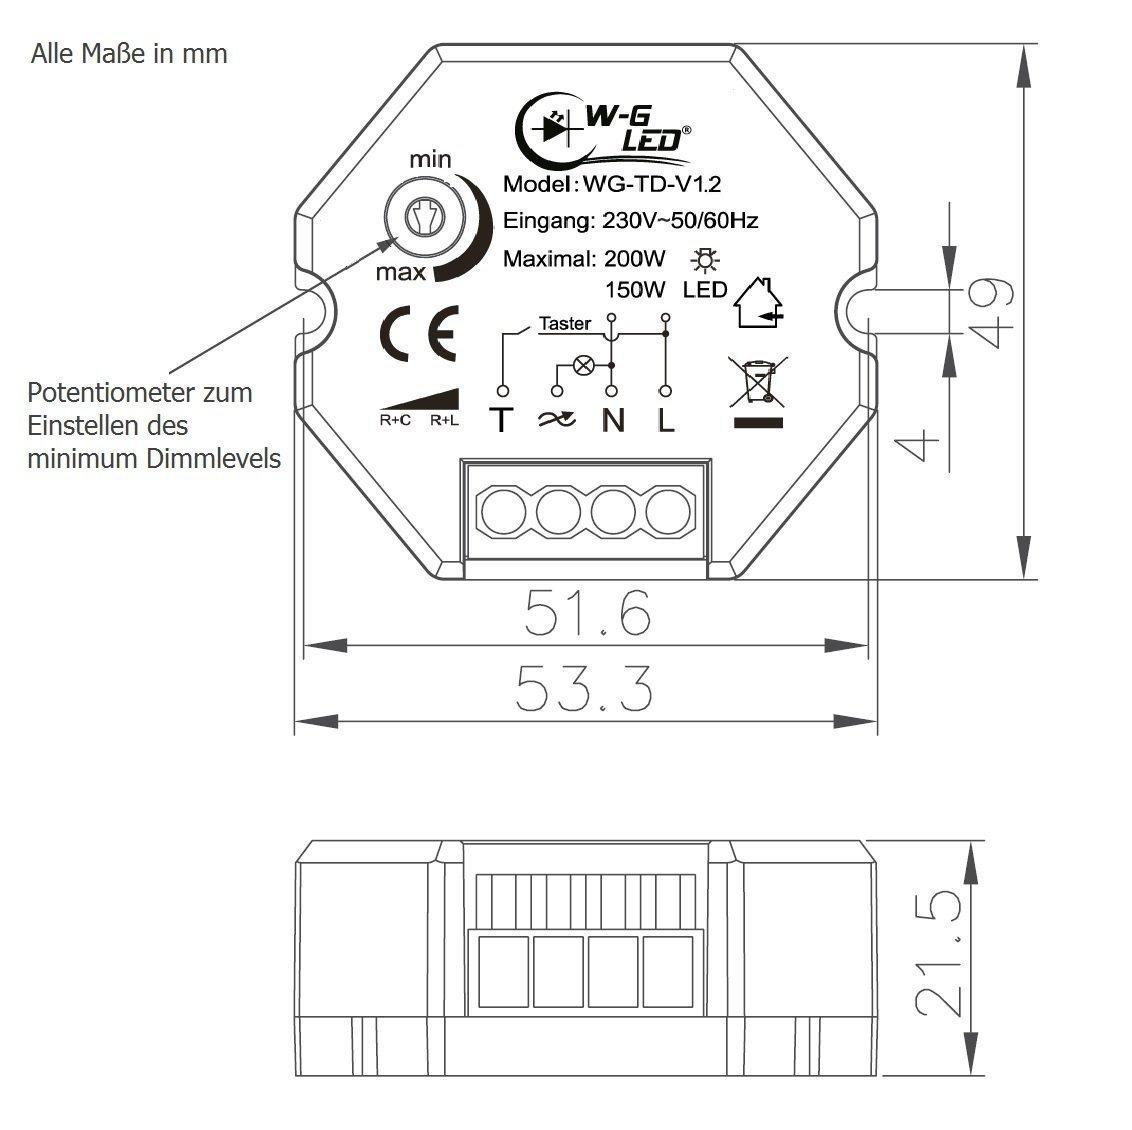 230v universal tast dimmer unterputz led dimmer taster 150w led 200w halogen 4260290668021 ebay. Black Bedroom Furniture Sets. Home Design Ideas